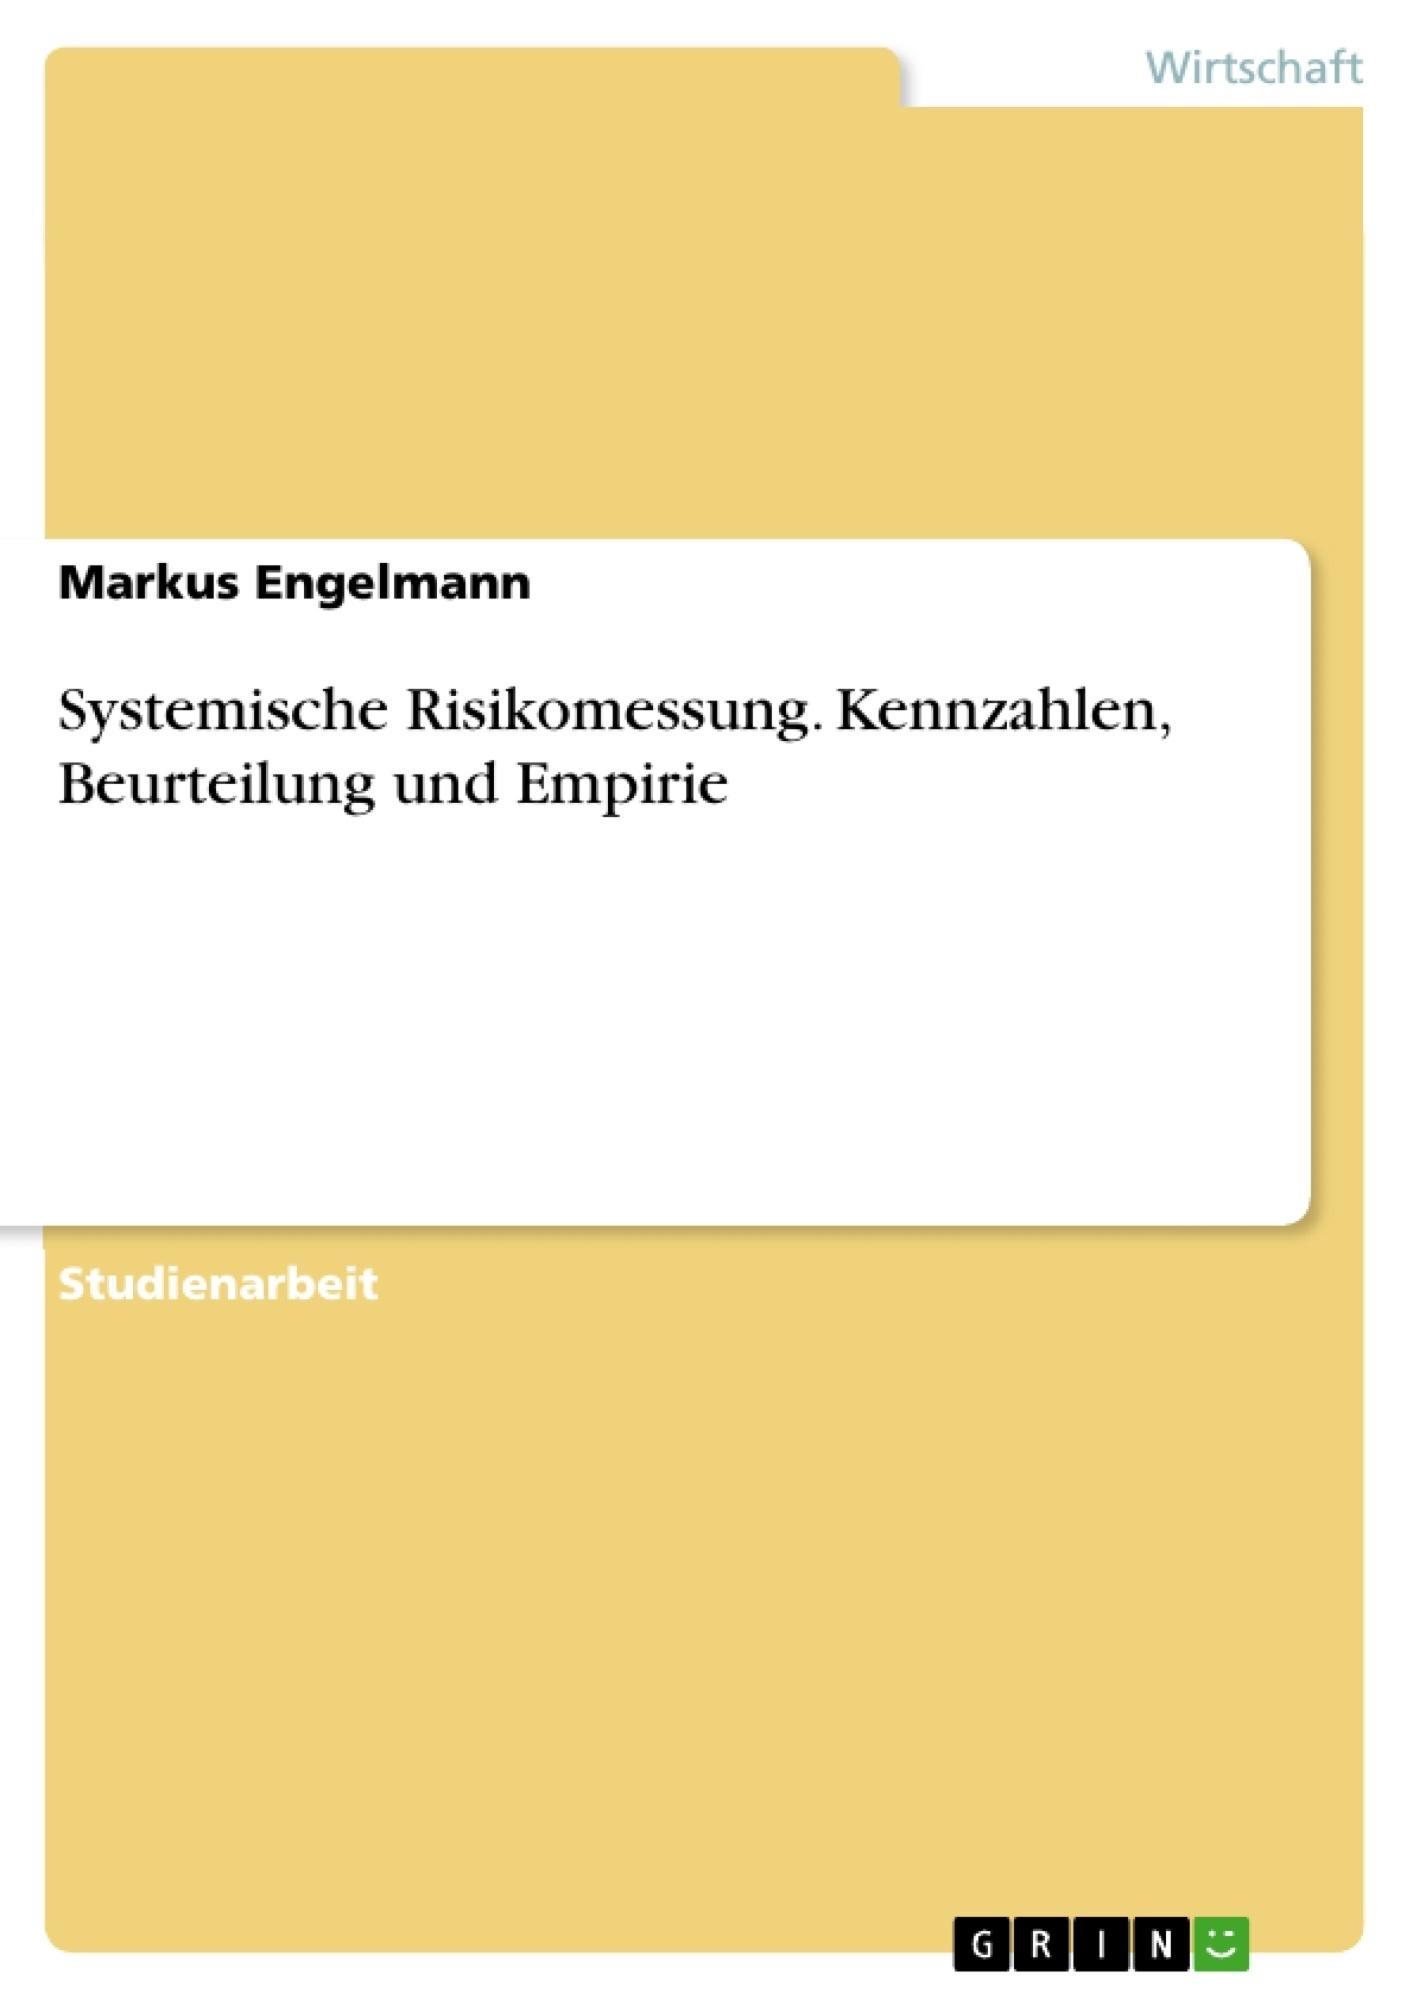 Titel: Systemische Risikomessung. Kennzahlen, Beurteilung und Empirie